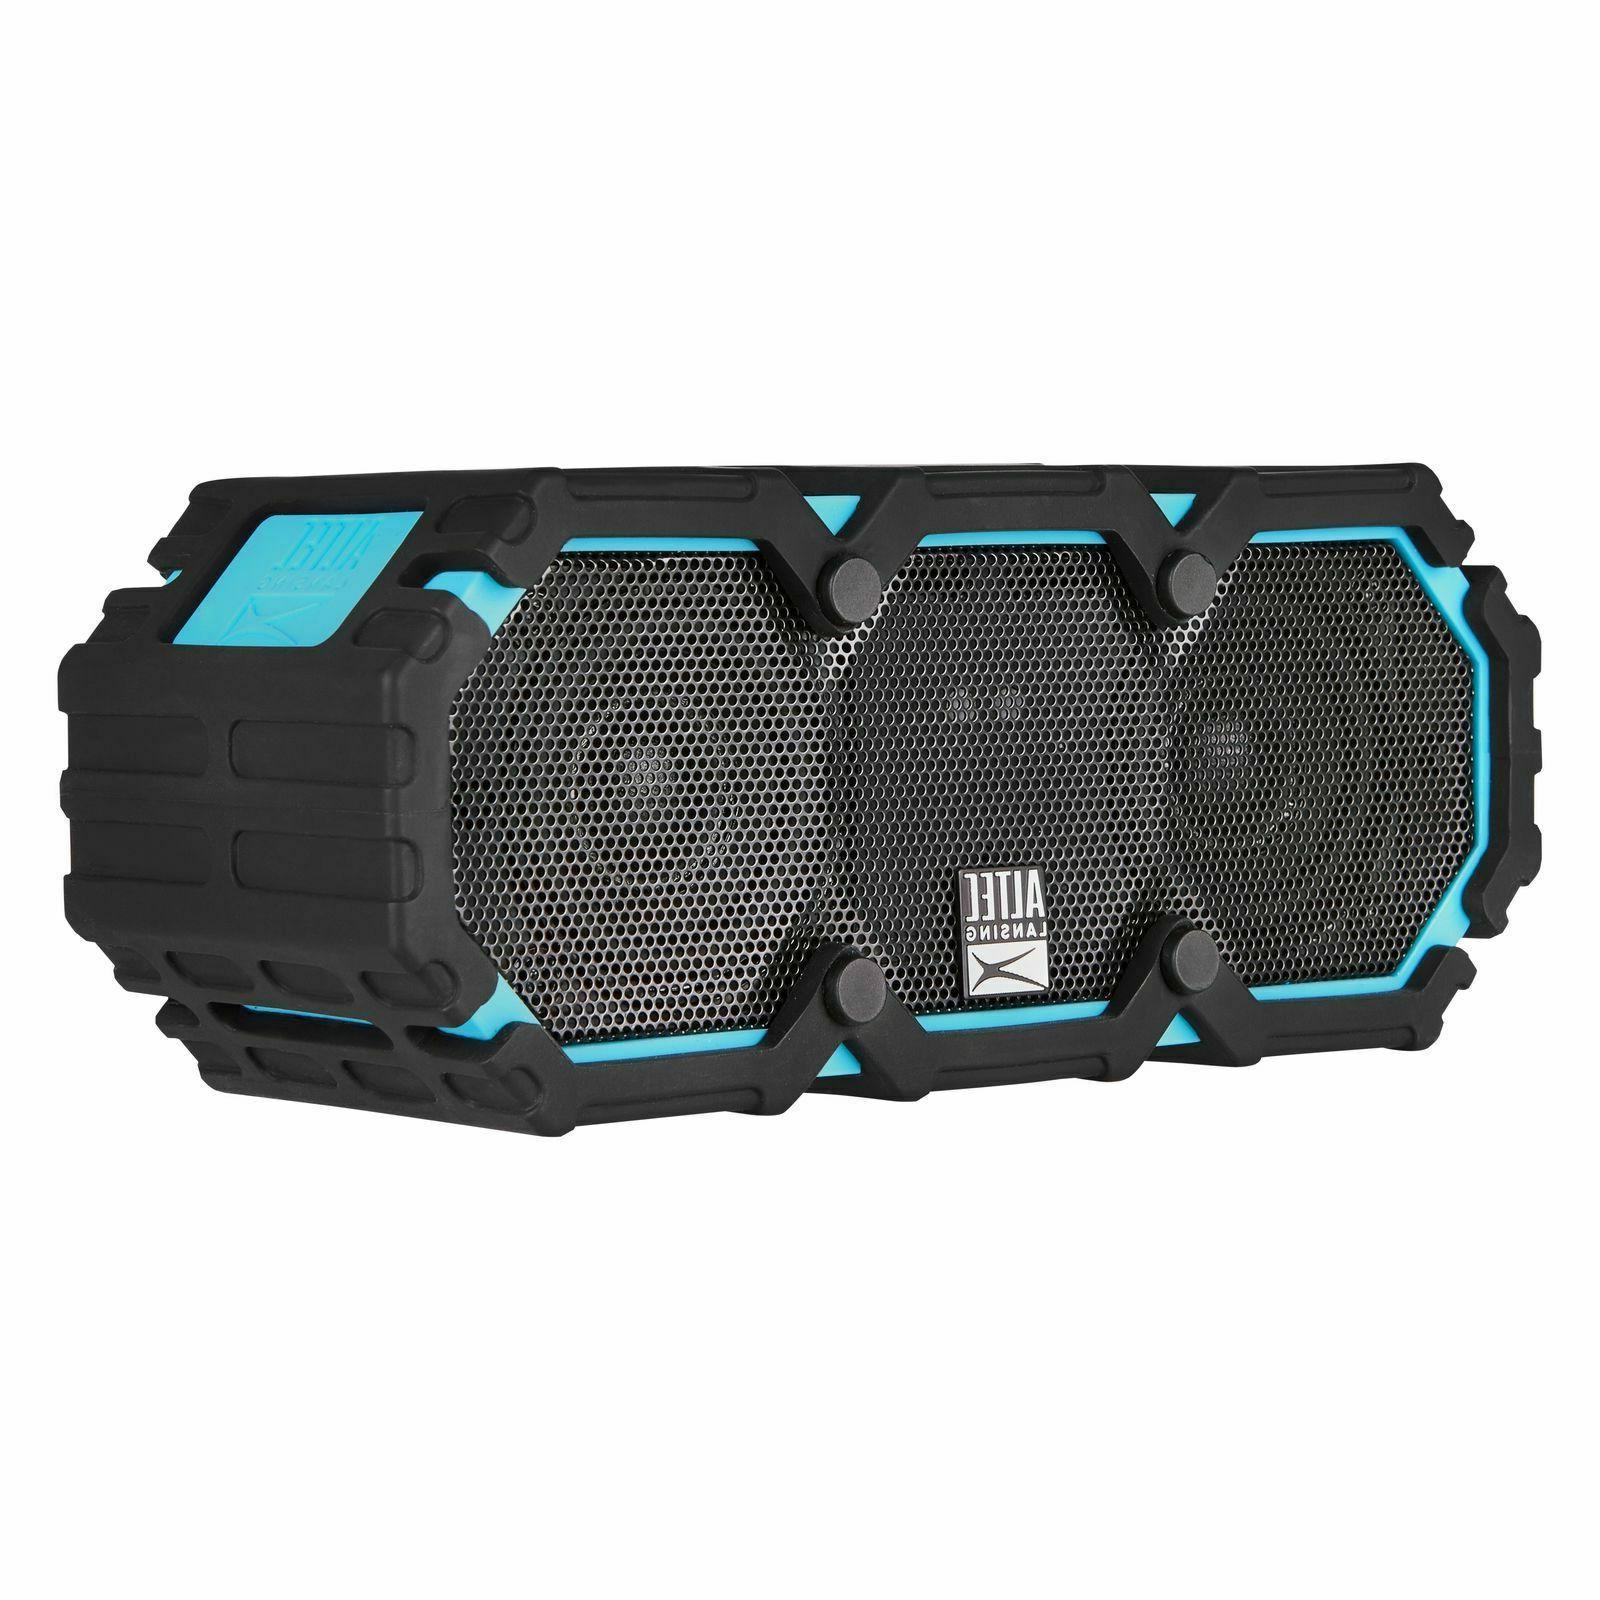 imw477 mini lifejacket wireless bluetooth speaker blue